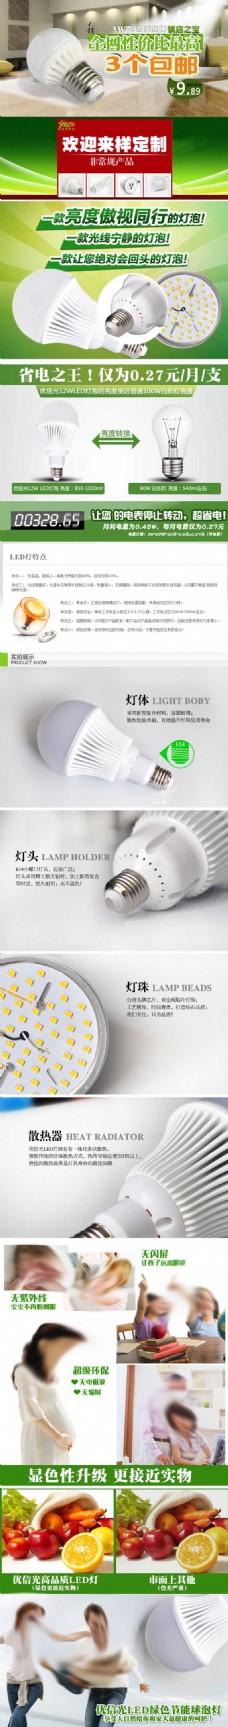 省电之王节能球泡灯-灯具描述